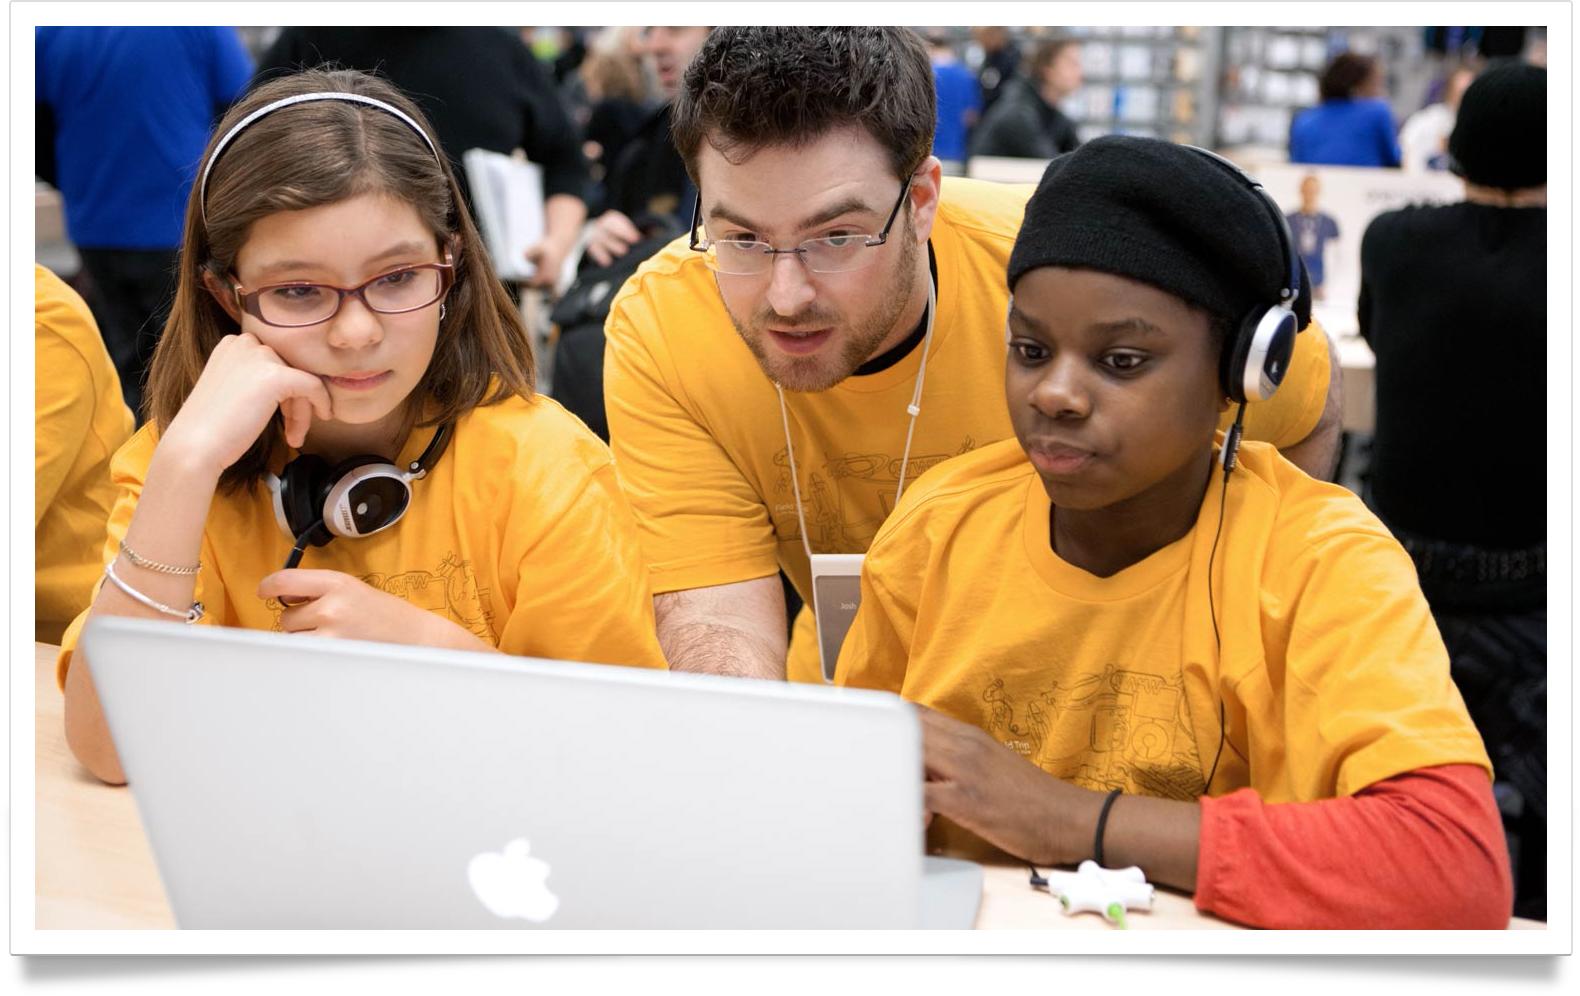 Crianças em Apple Retail Store - Jovens